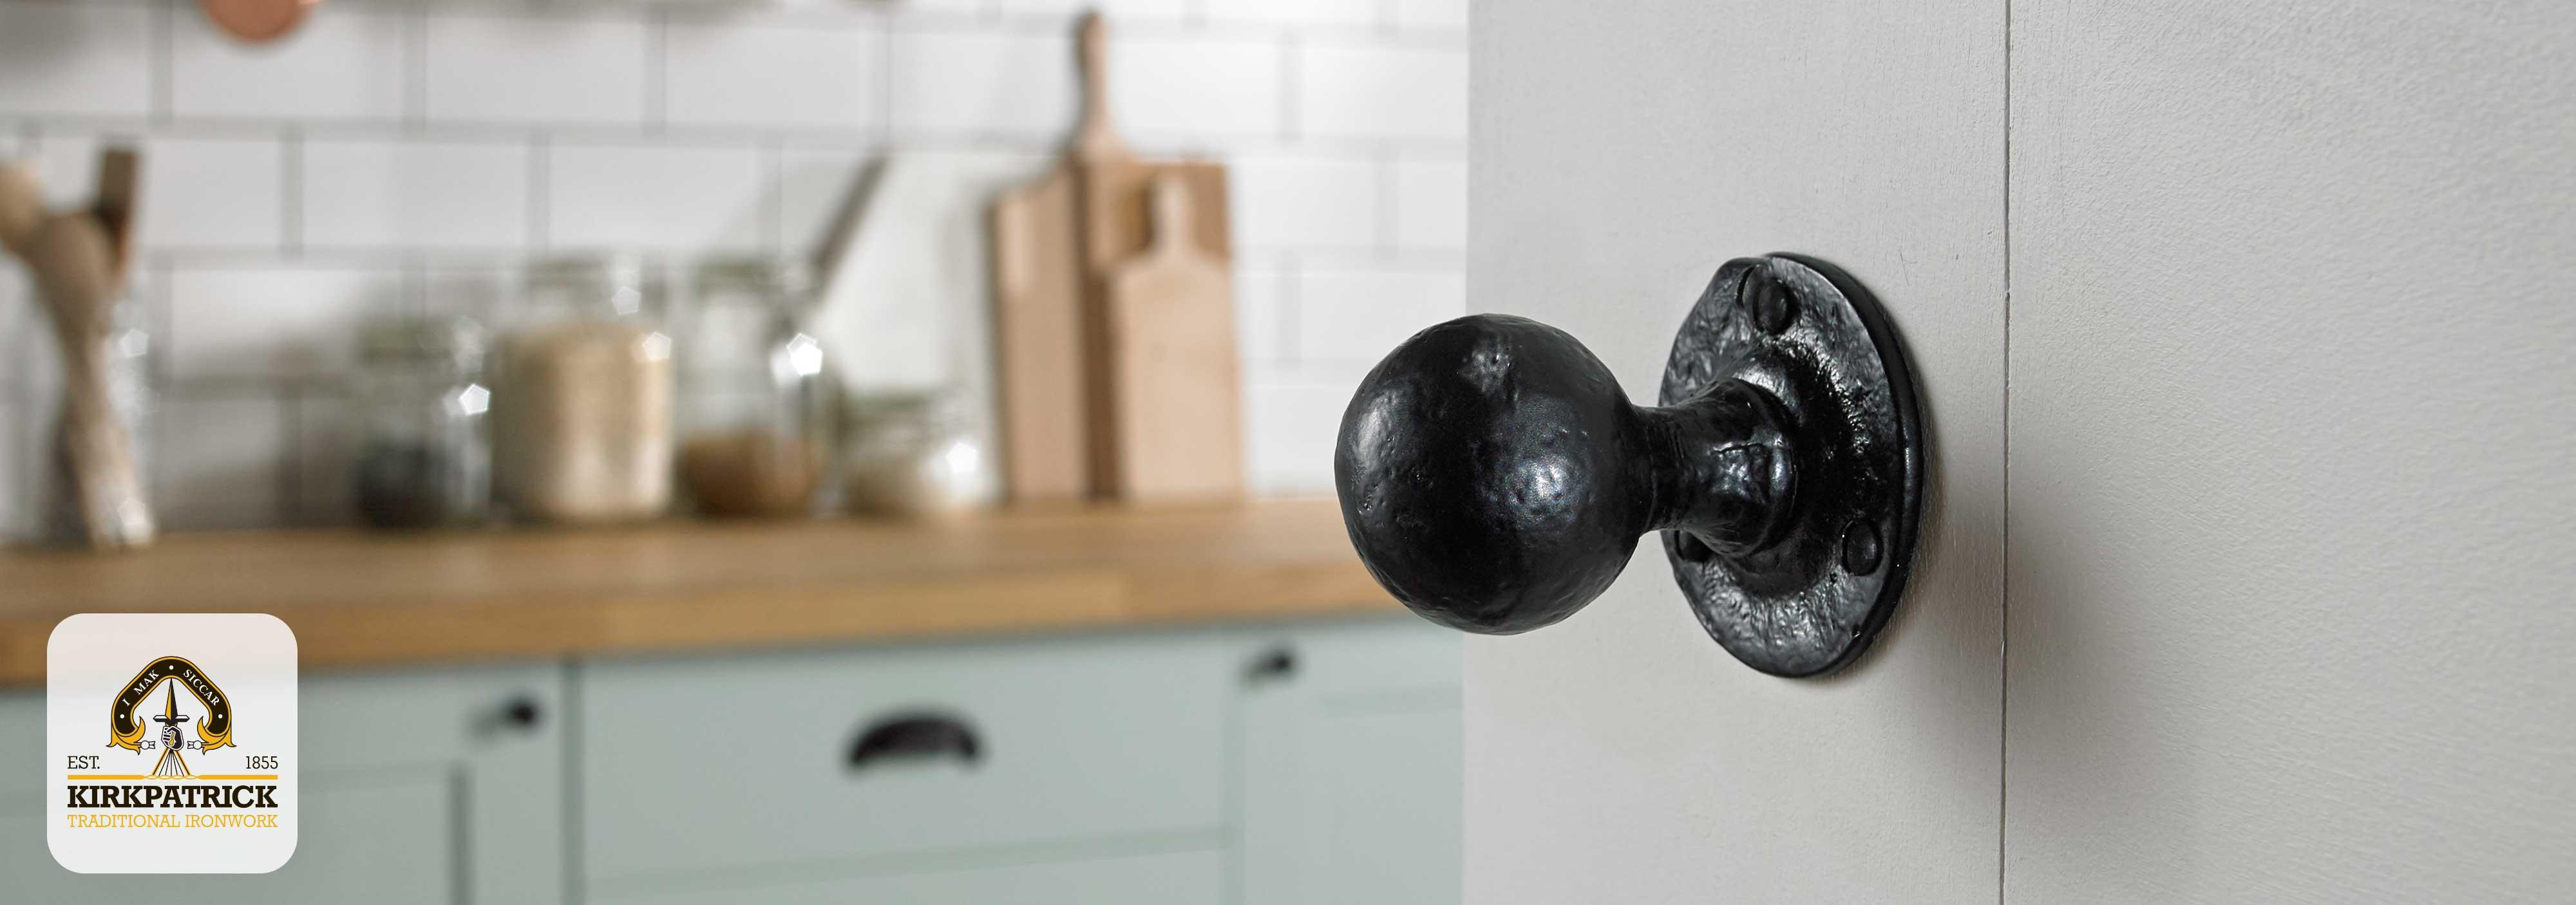 Sfeerafbeelding draaibare knop in zwart smeedijzer